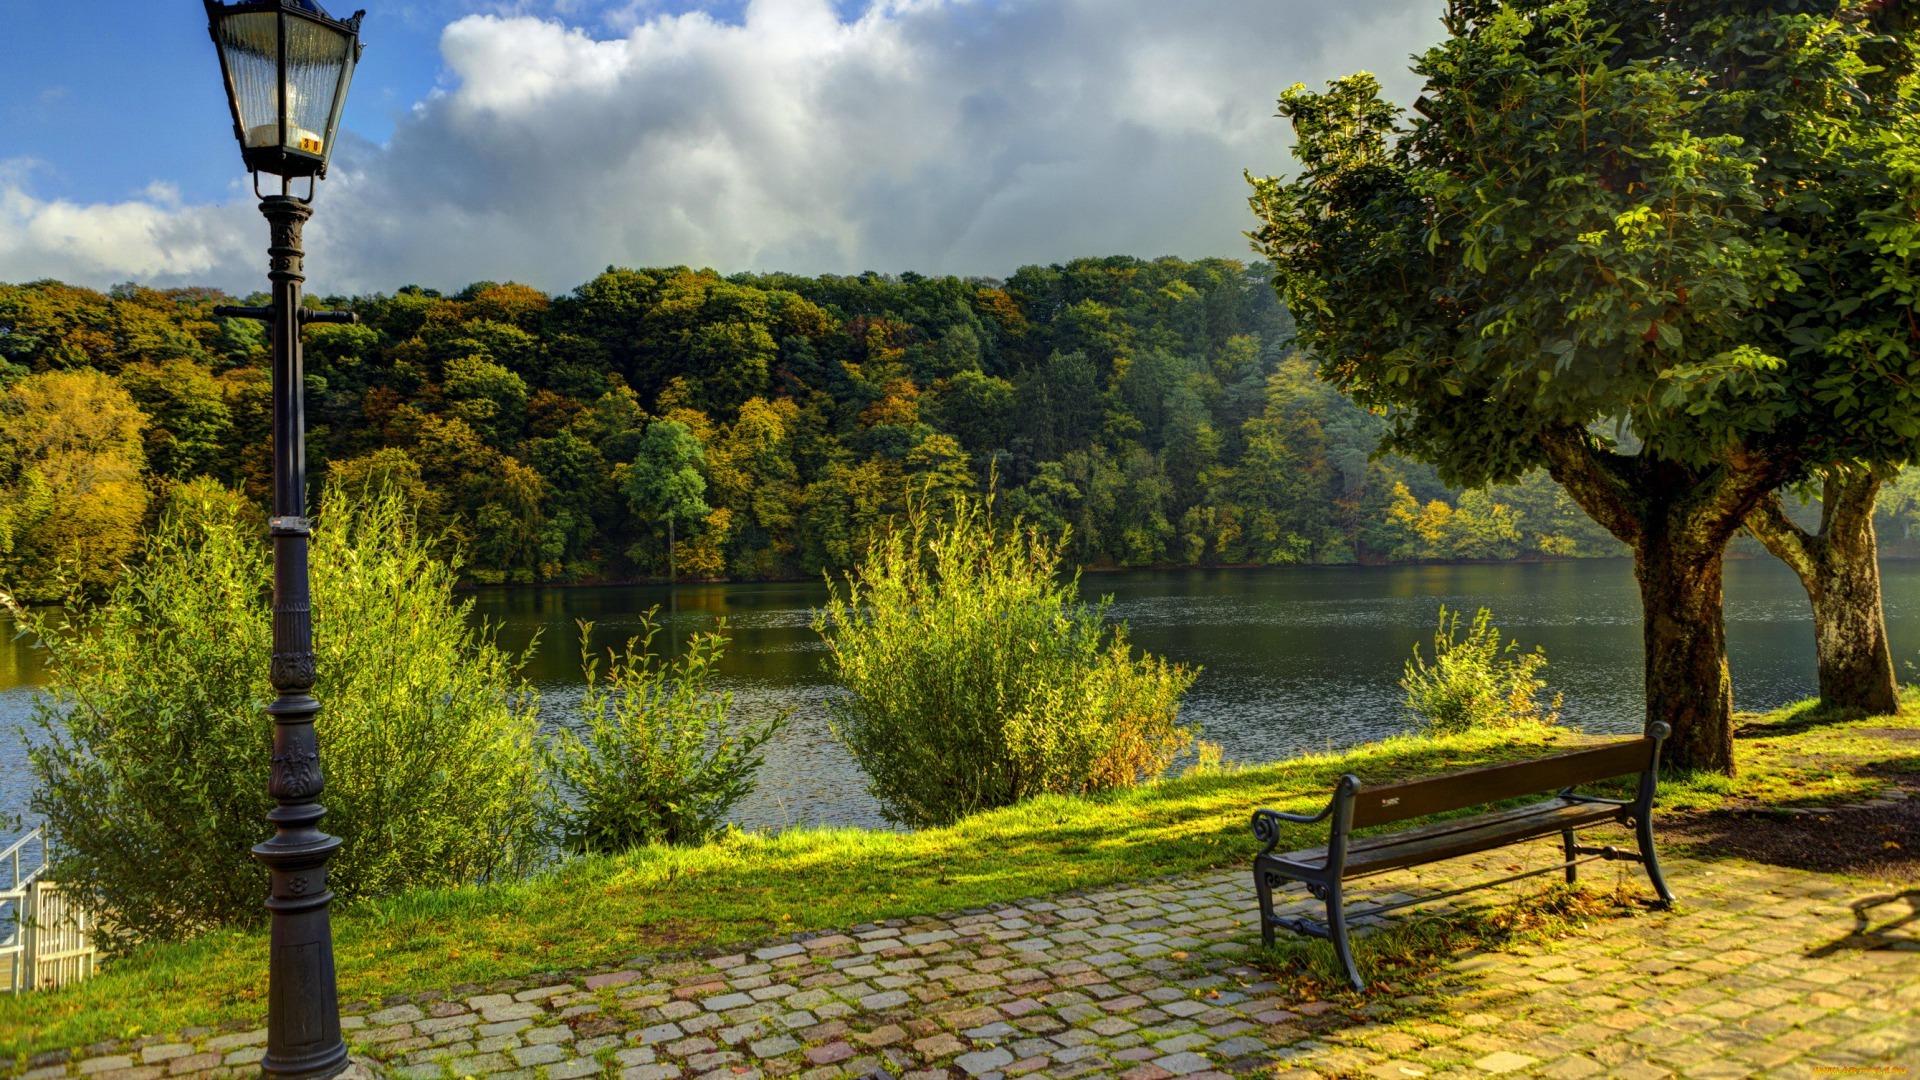 23474 скачать обои Пейзаж, Река, Деревья - заставки и картинки бесплатно